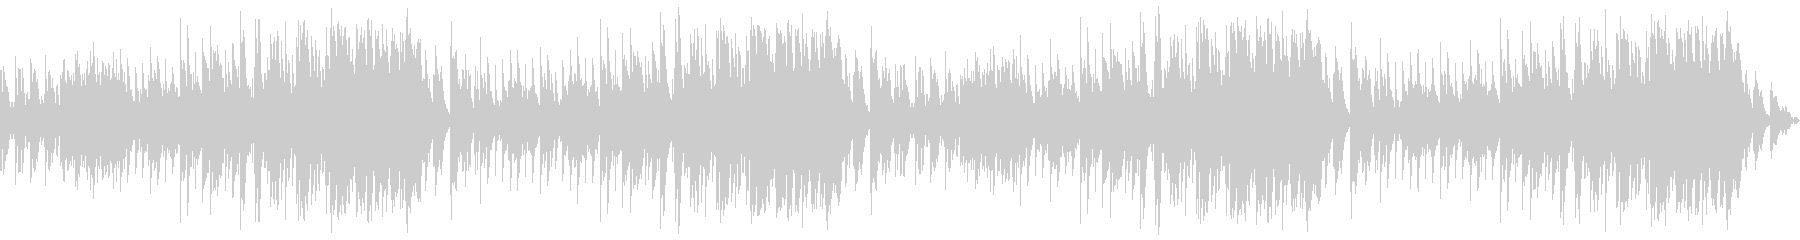 優しいピアノバラードによるBGMの未再生の波形